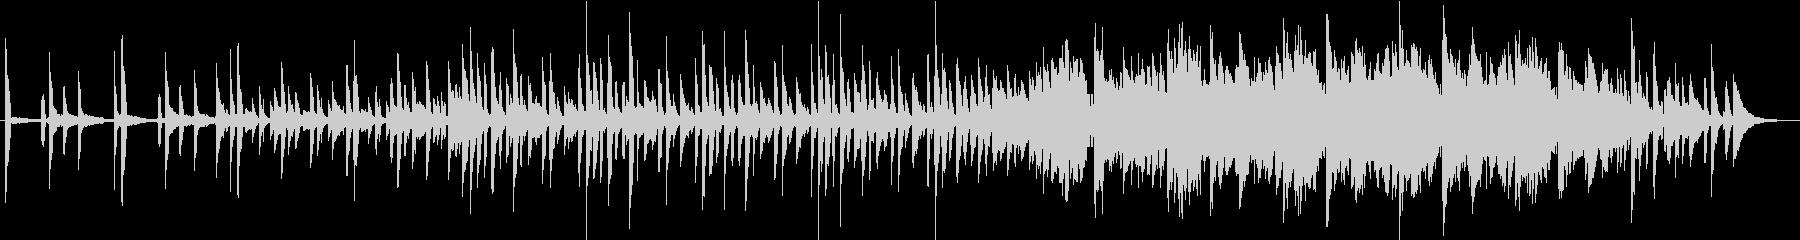 モールス信号をイメージしたポップな曲の未再生の波形